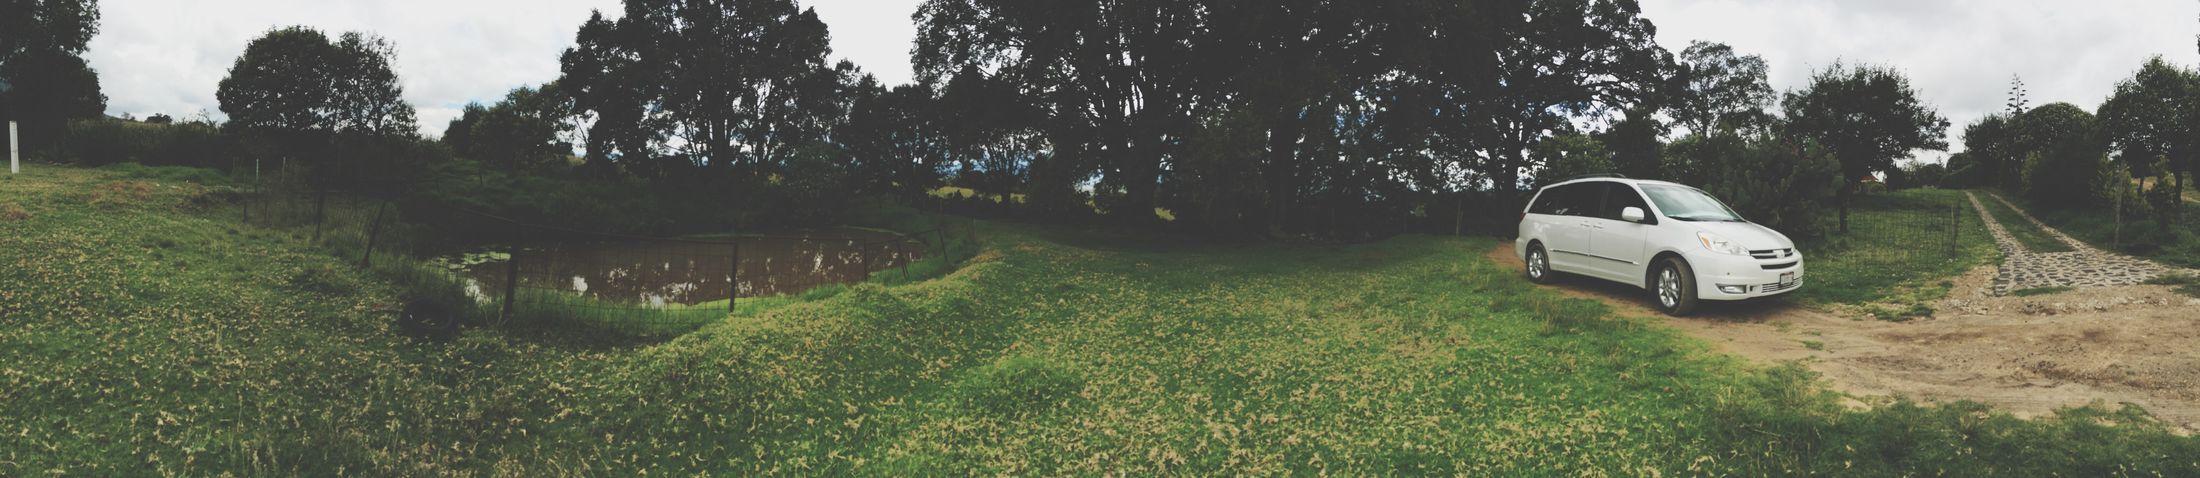 Enjoying Life Man And Nature